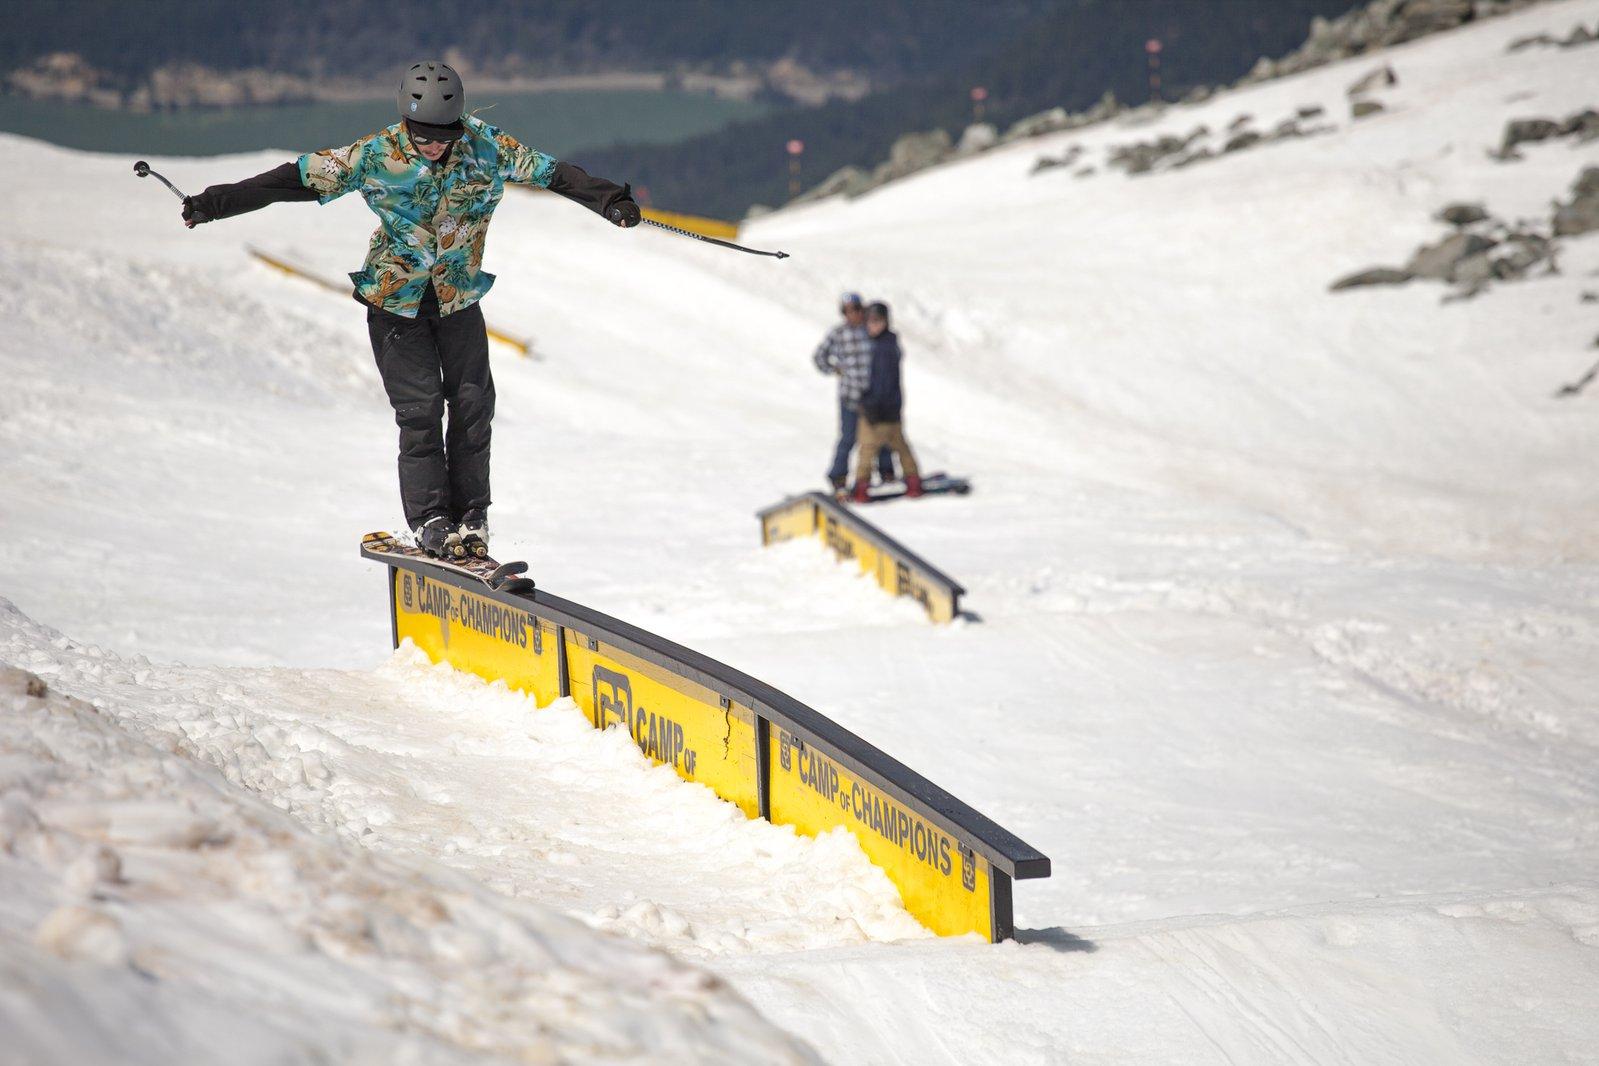 Jay Heule does stuff on skis